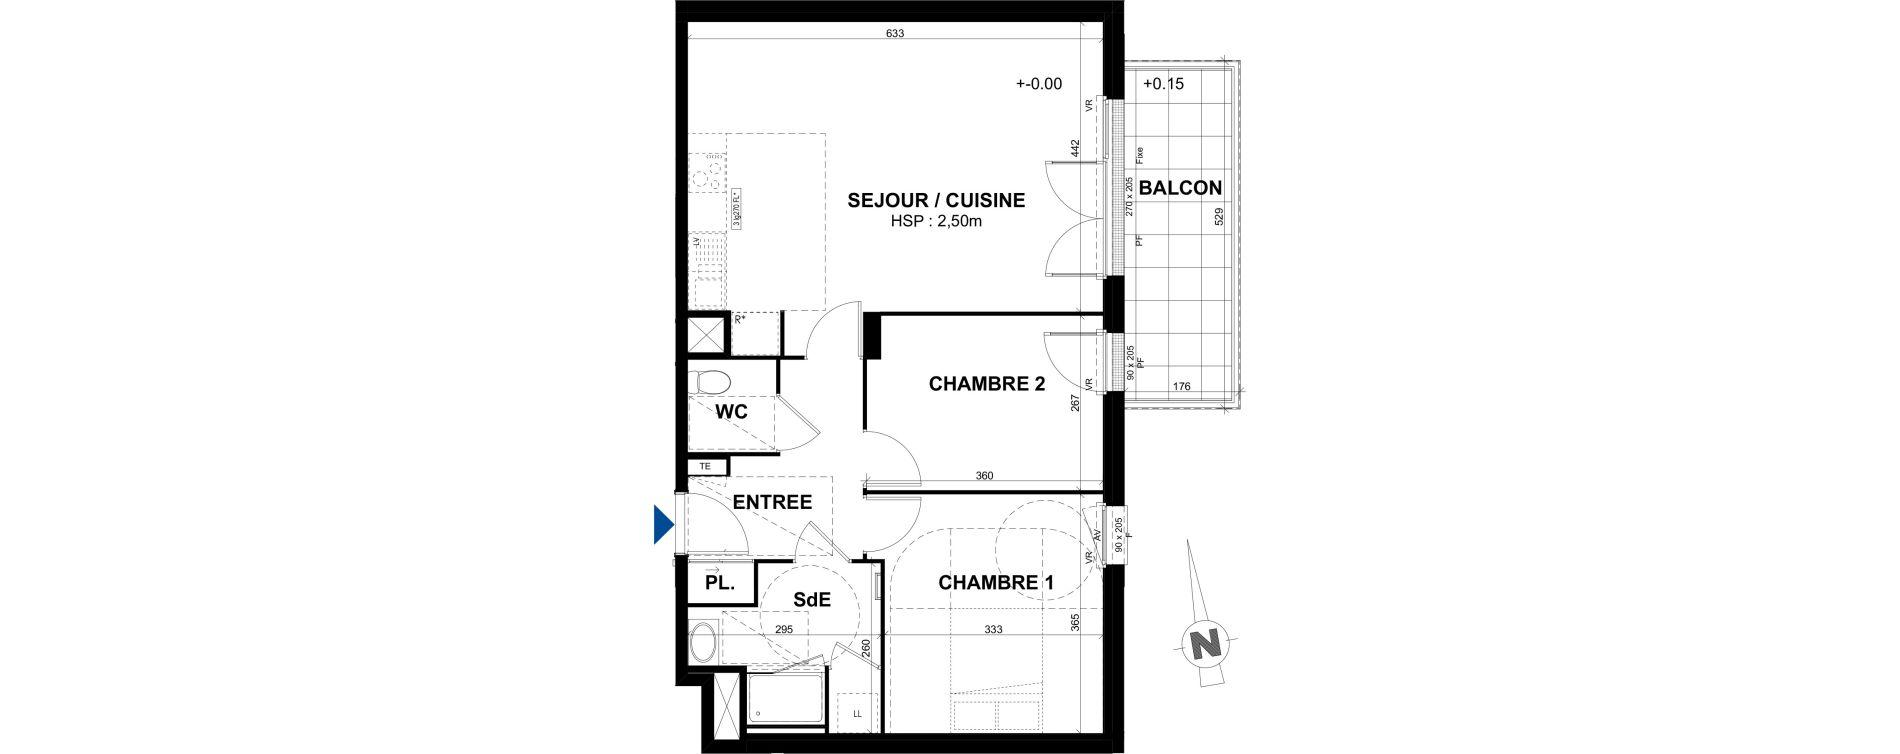 Appartement T3 de 65,46 m2 à Rennes Bréquigny